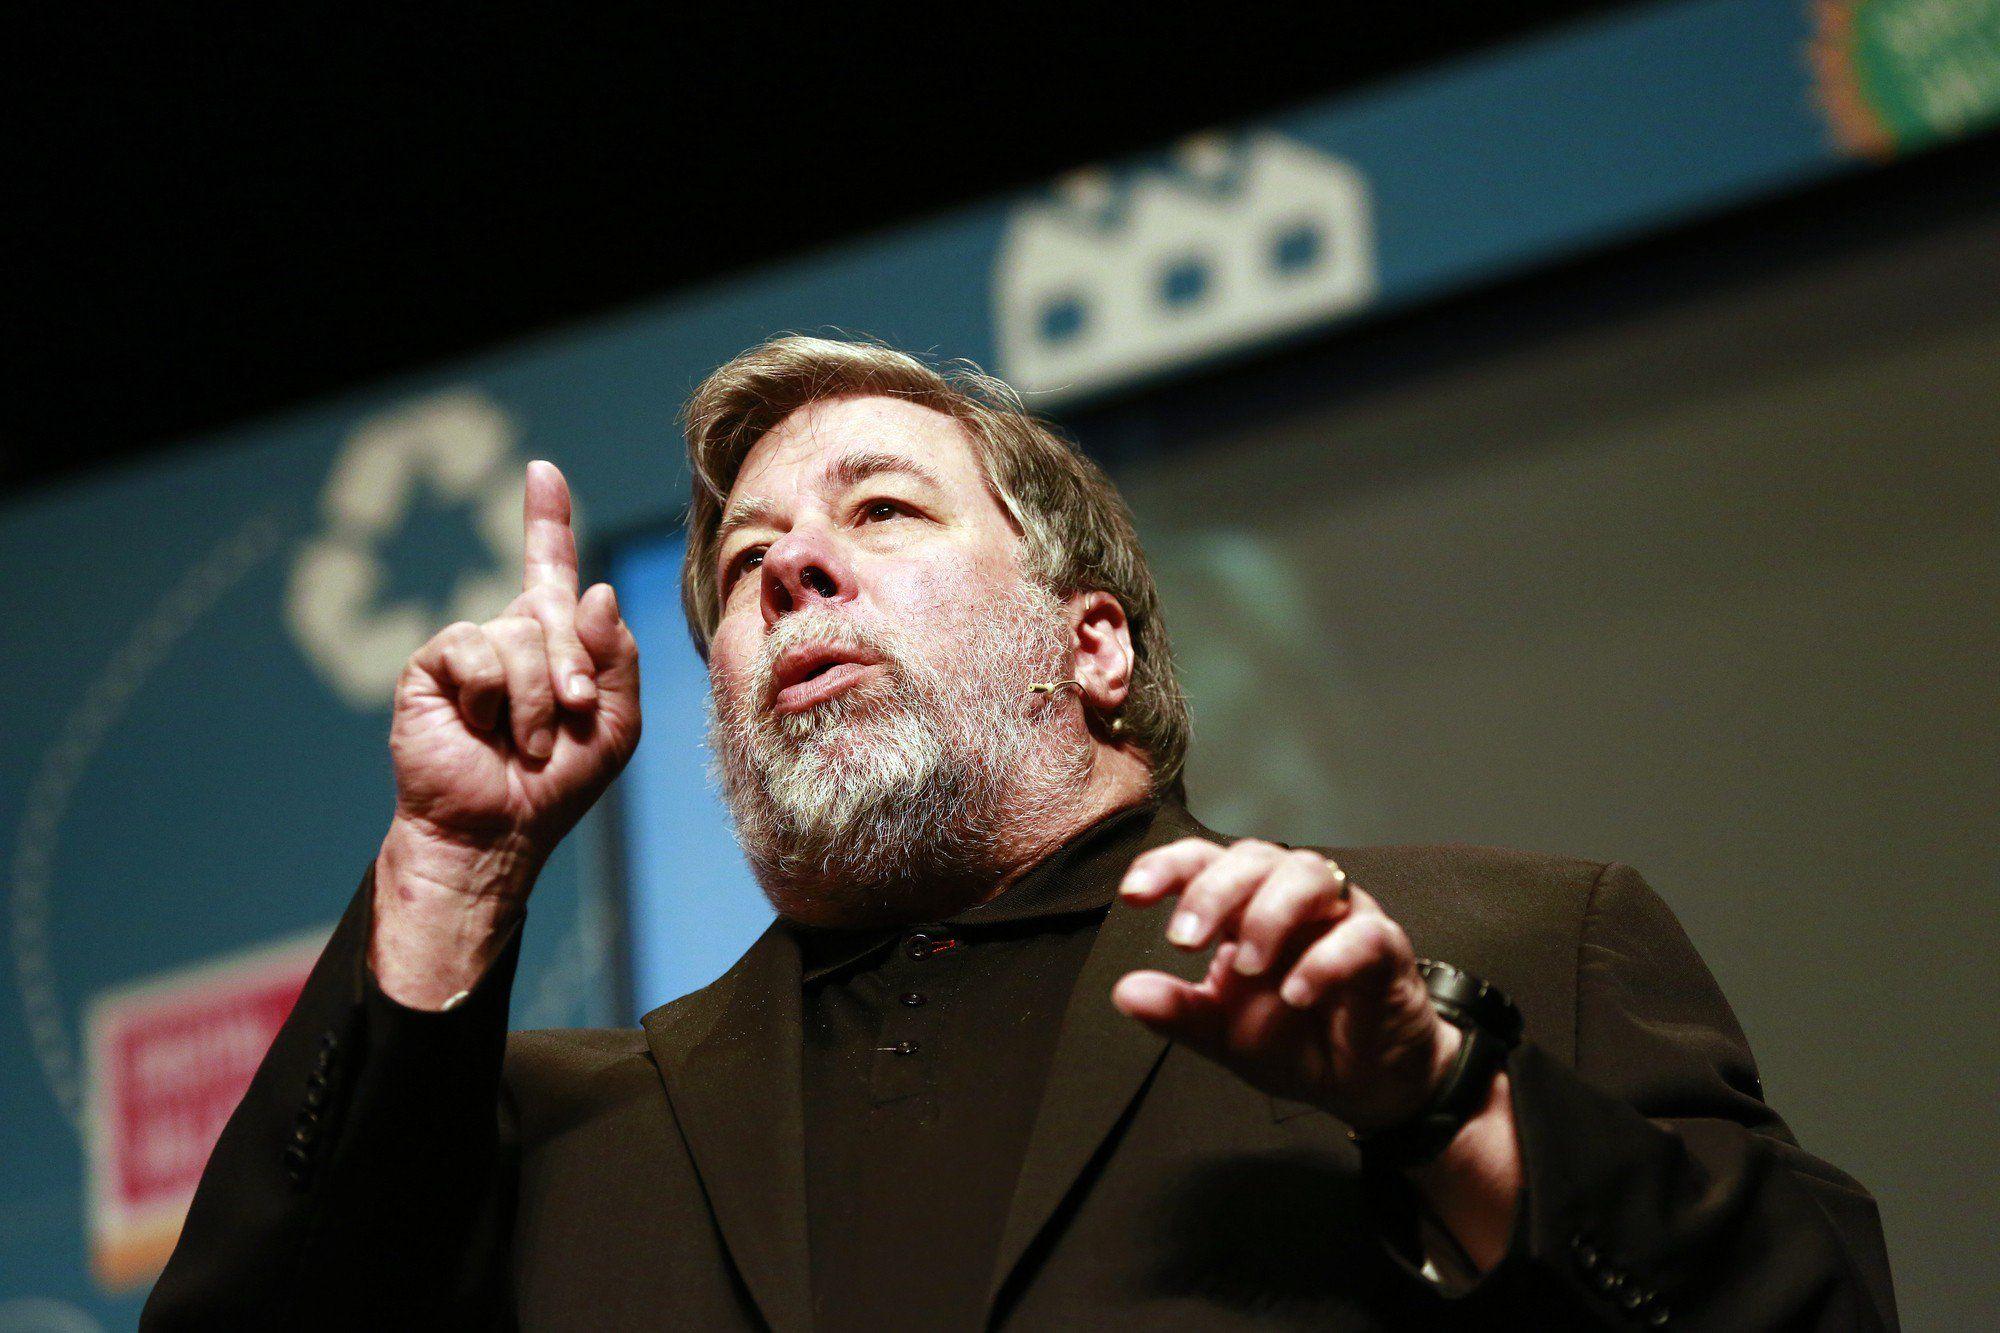 Apple Co Founder Steve Wozniak Rips Mark Zuckerberg Pumps Bitcoin Ccn Apple Co Founder Steve Wozniak Rips Mark Zucke Steve Wozniak Mark Zuckerberg Co Founder